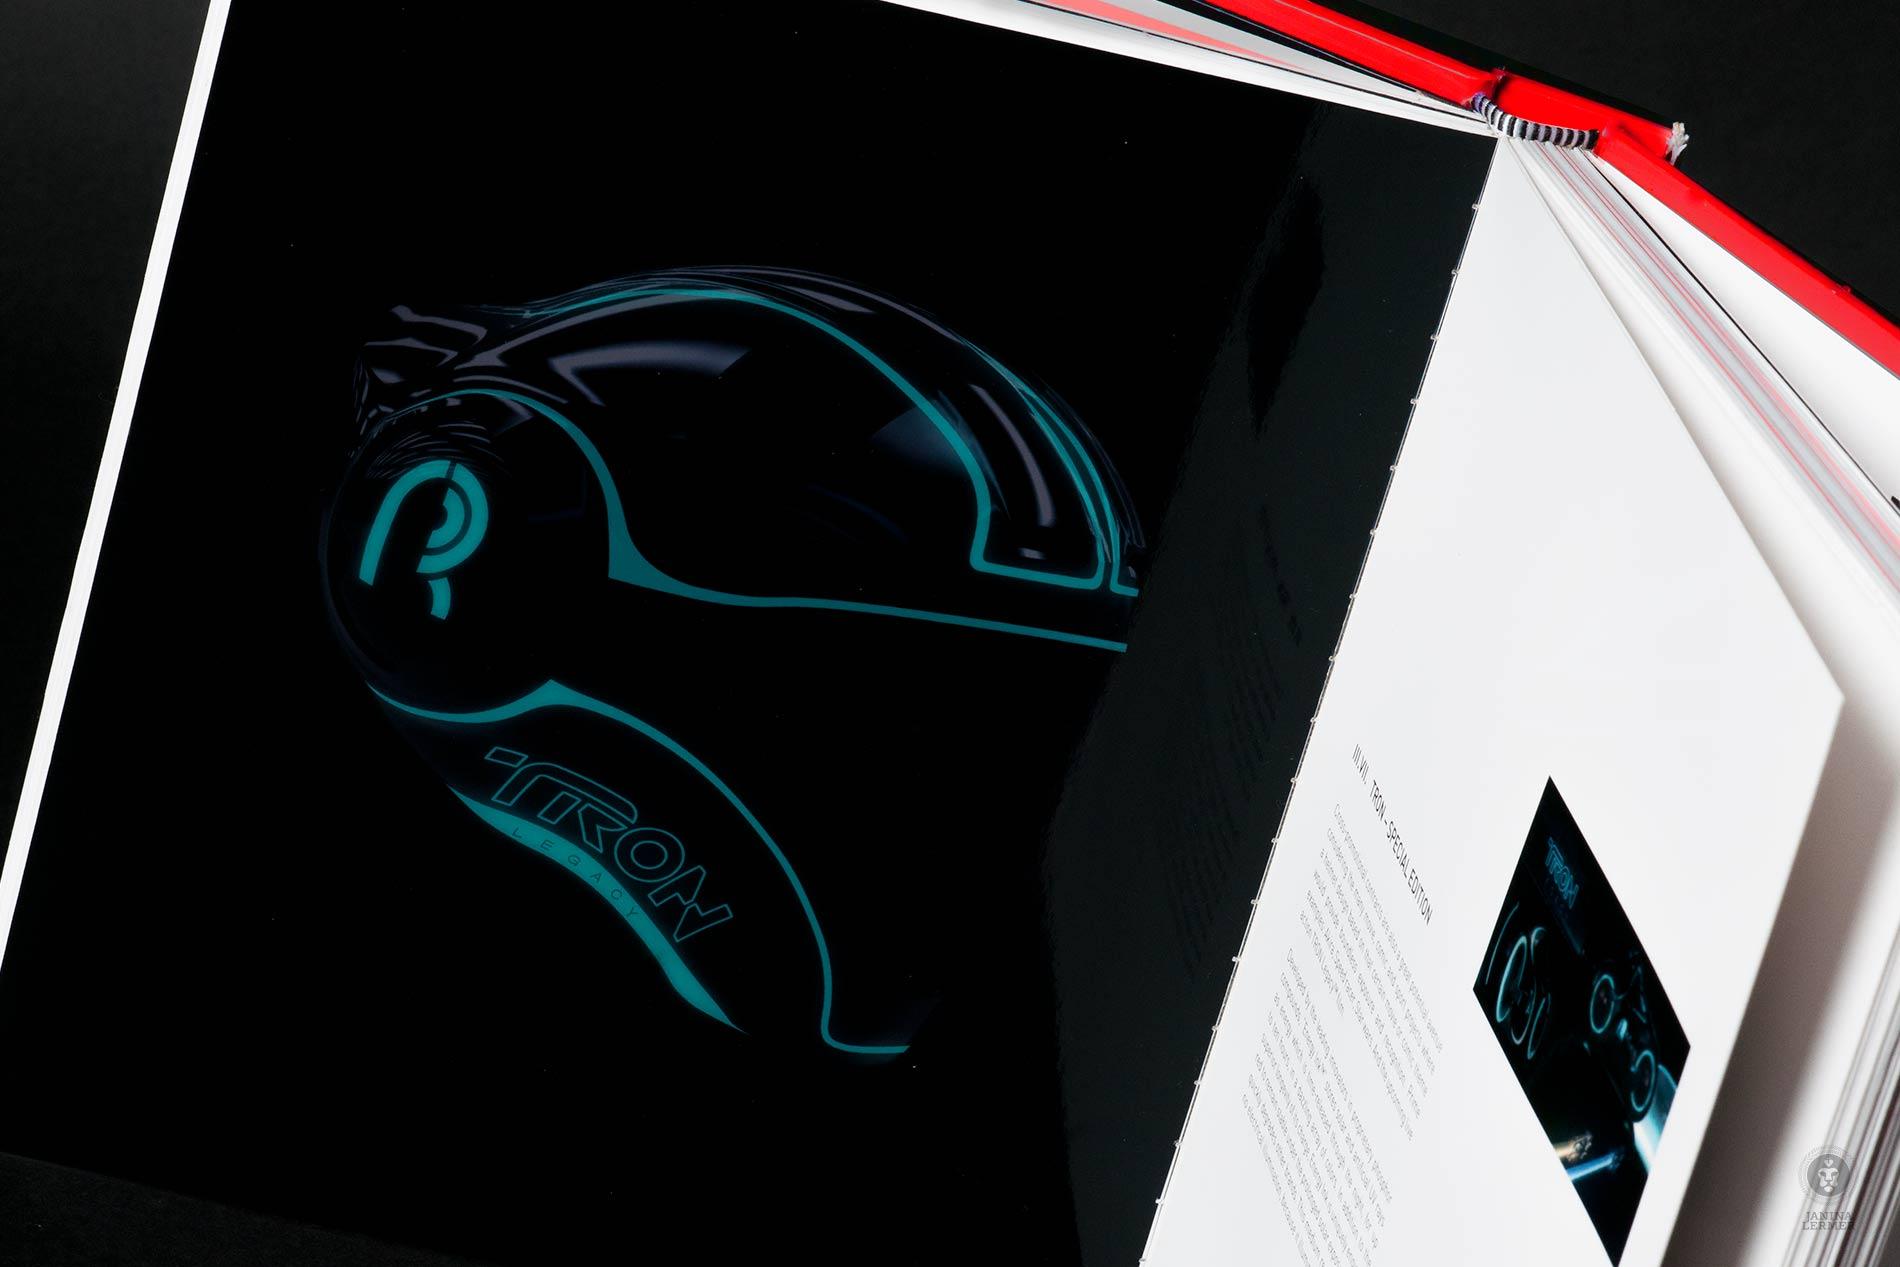 Janina-Lermer-Markenentwickung-Markengestaltung-Branddevelopment-Branddesign-Del-Rosario-Markenbuch-Brandbook-Innen-Inside-Glowing-in-the-dark